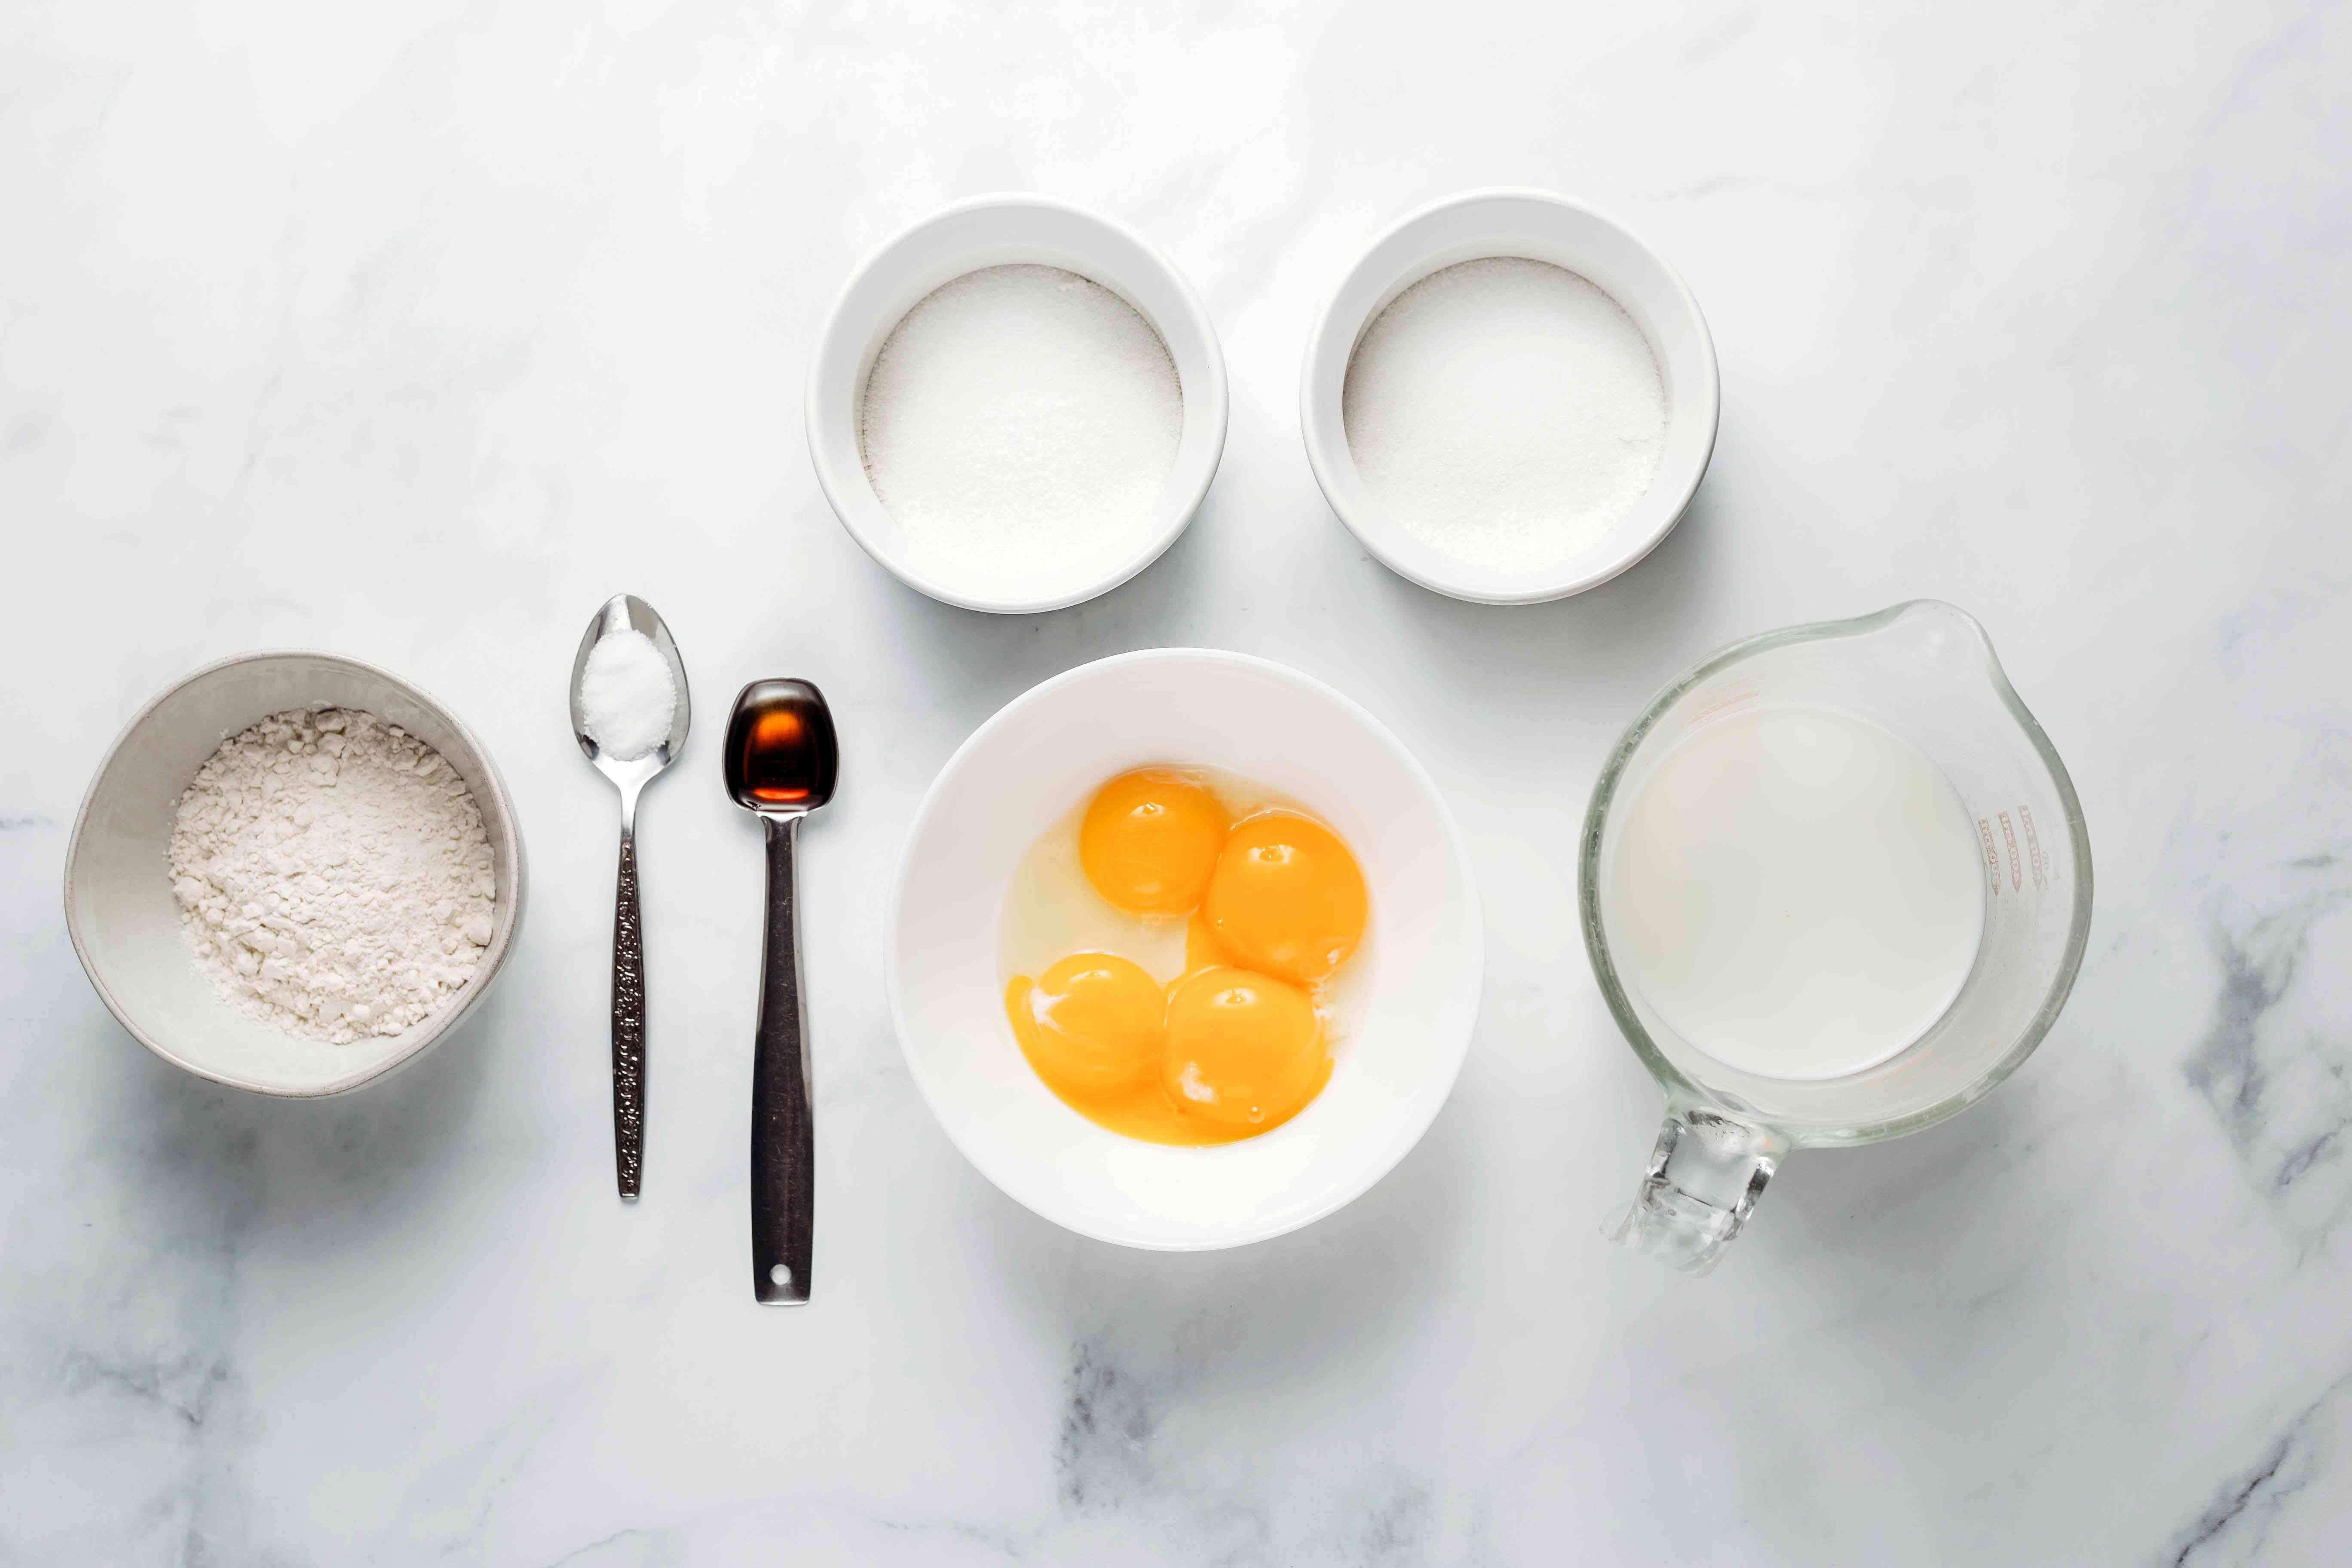 Vanilla Pastry Cream ingredients